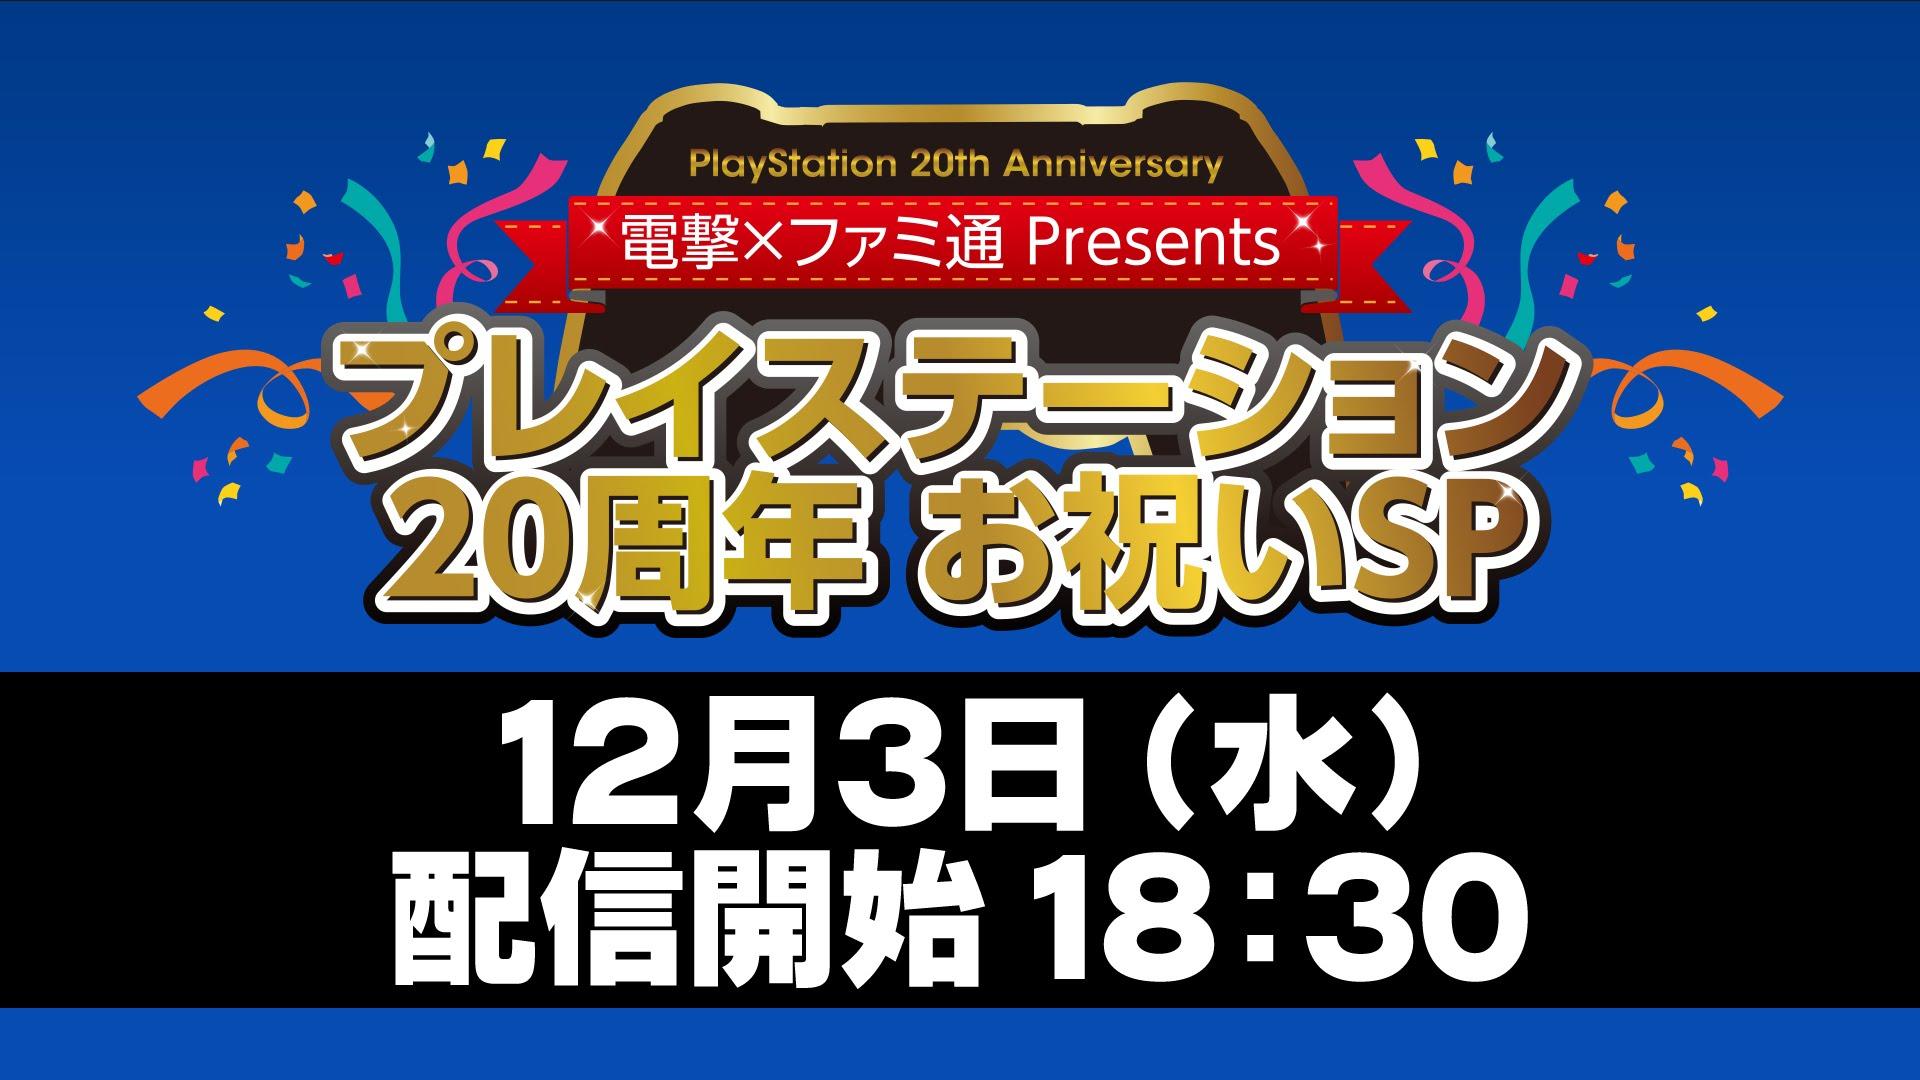 豪華ゲストが続々登場しPSの未来を語る!電撃×ファミ通によるPS20周年を祝う特別生放送が12月3日に配信決定!